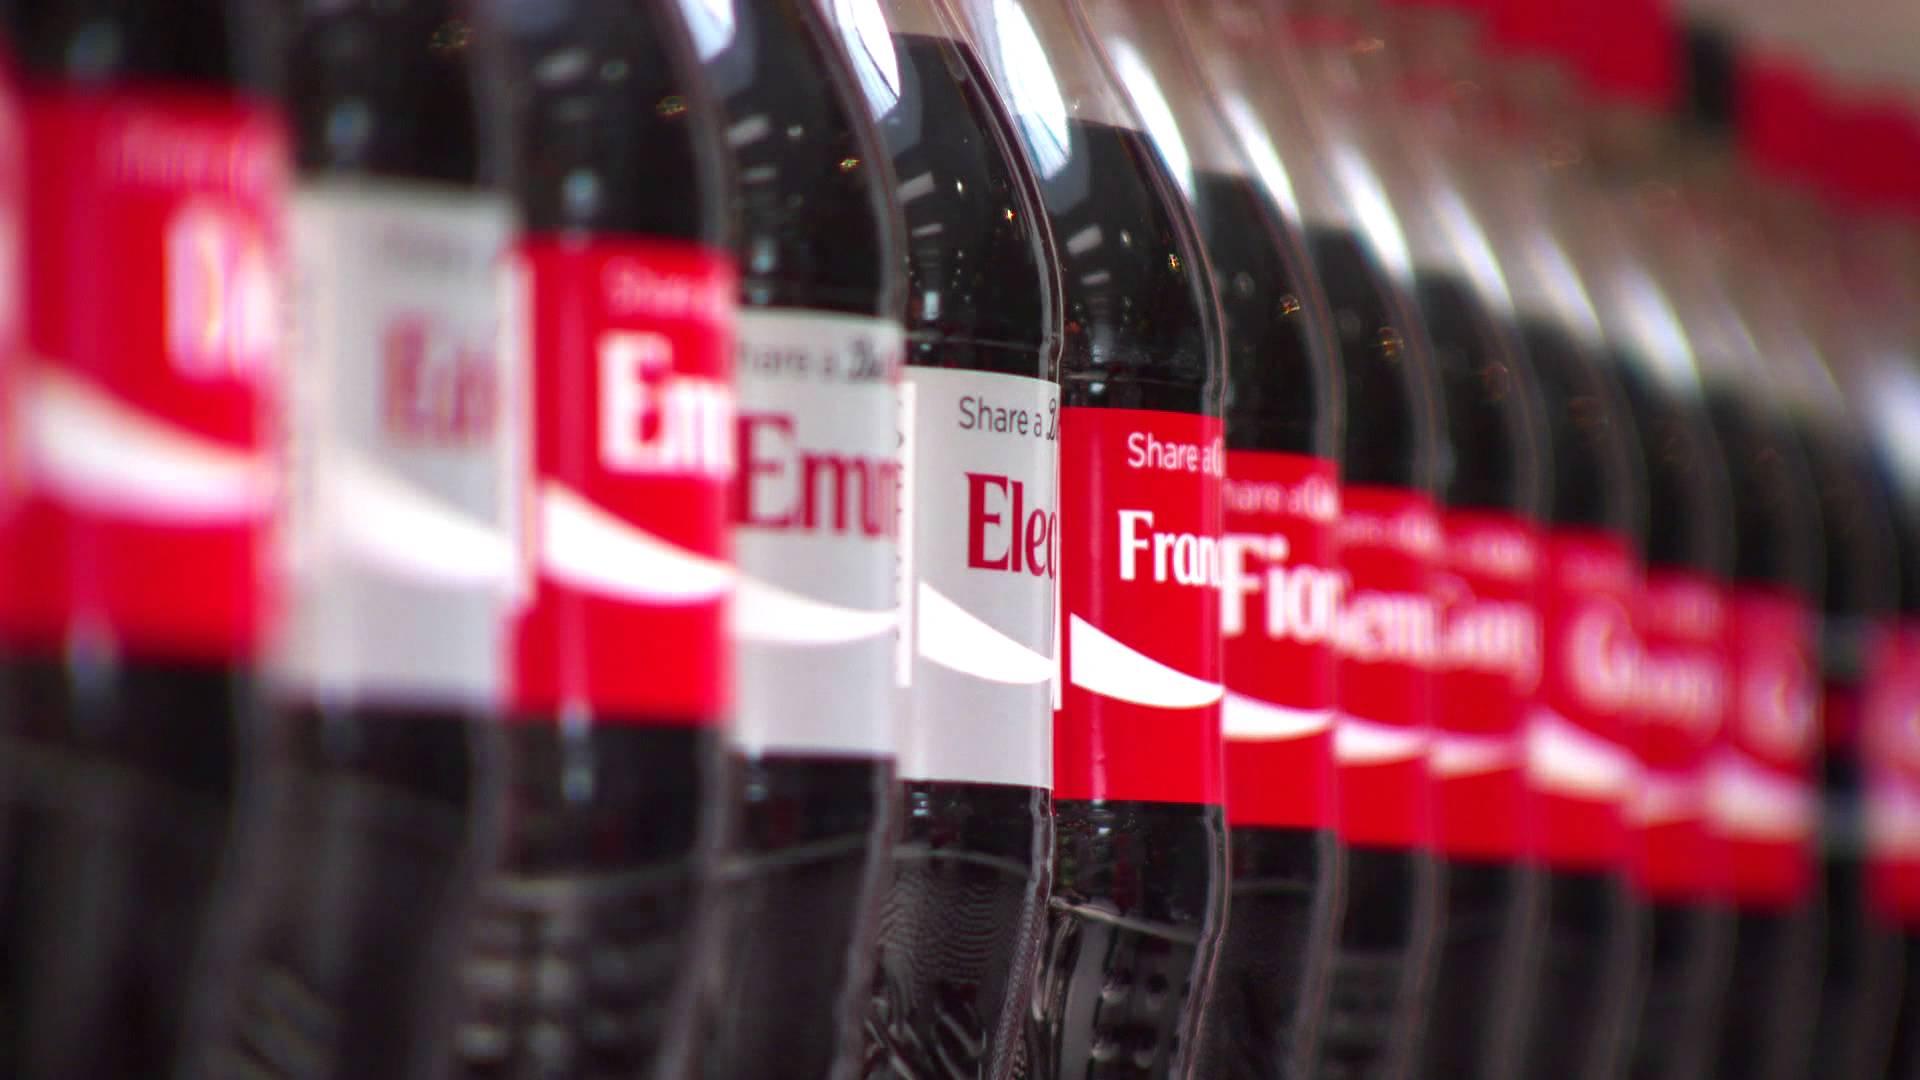 Partagez un Coca-Cola : les remerciements de Coca-Cola en Grande-Bretagne